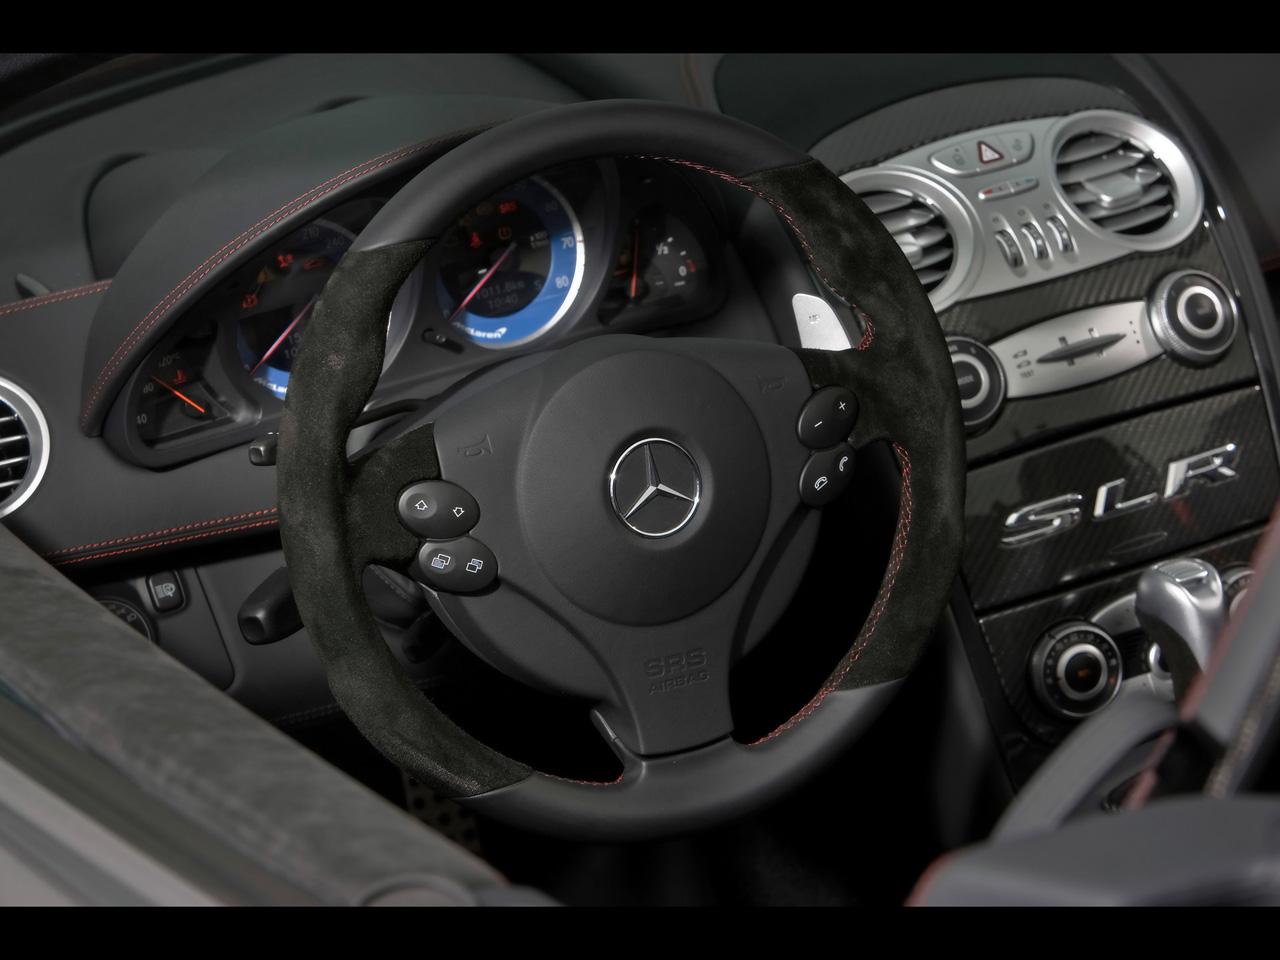 2009-Mercedes-Benz-SLR-McLaren-Roadster-722-S-Steering-Wheel-1280x960.jpg